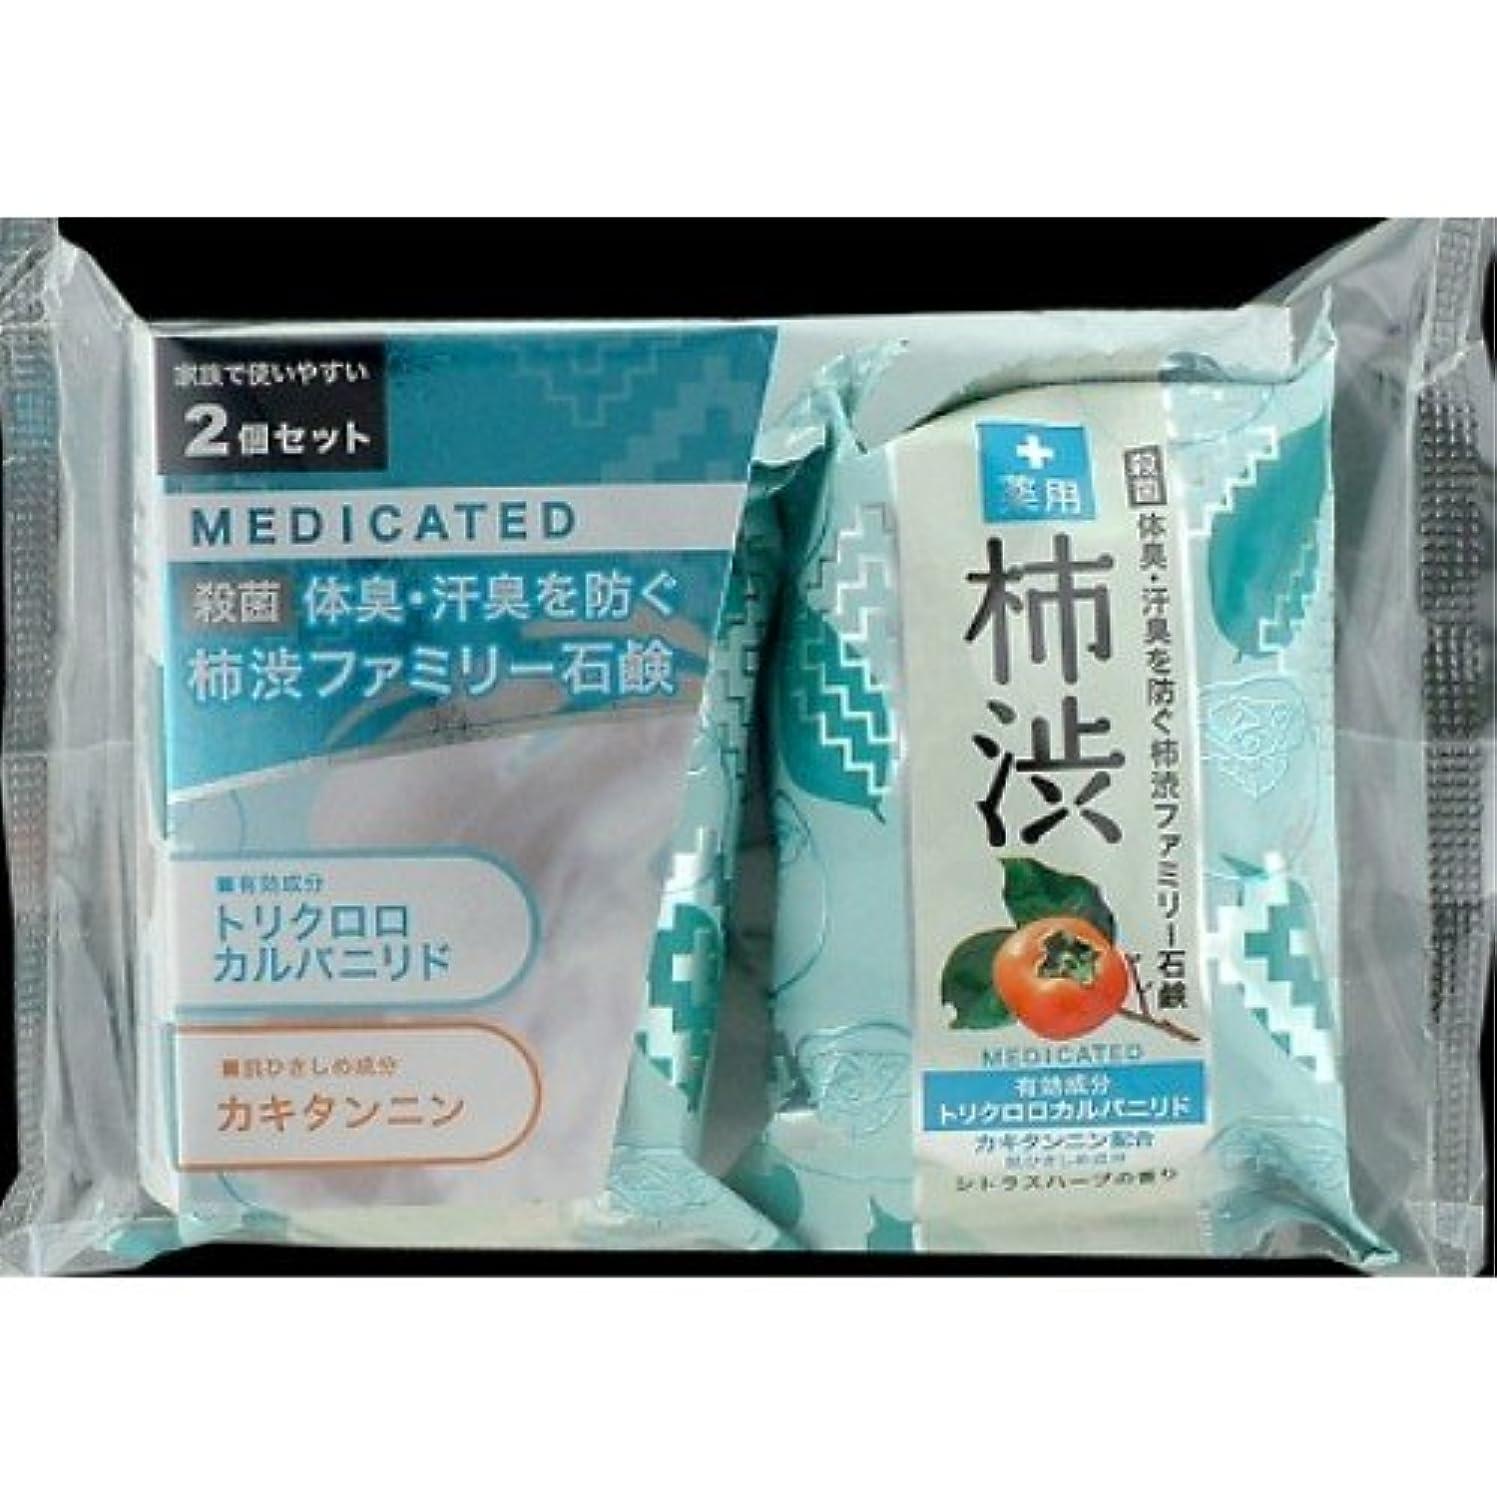 シロナガスクジラ発症乳製品薬用ファミリー 柿渋石けん 2コパック